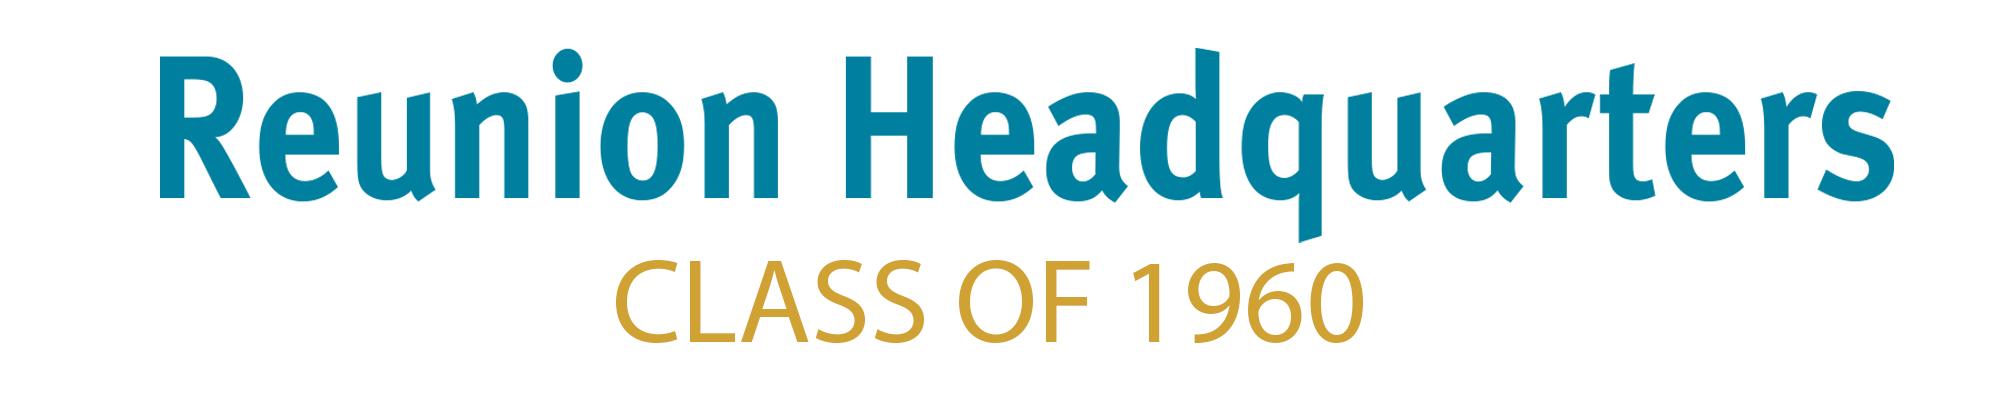 Class of 1960 Header